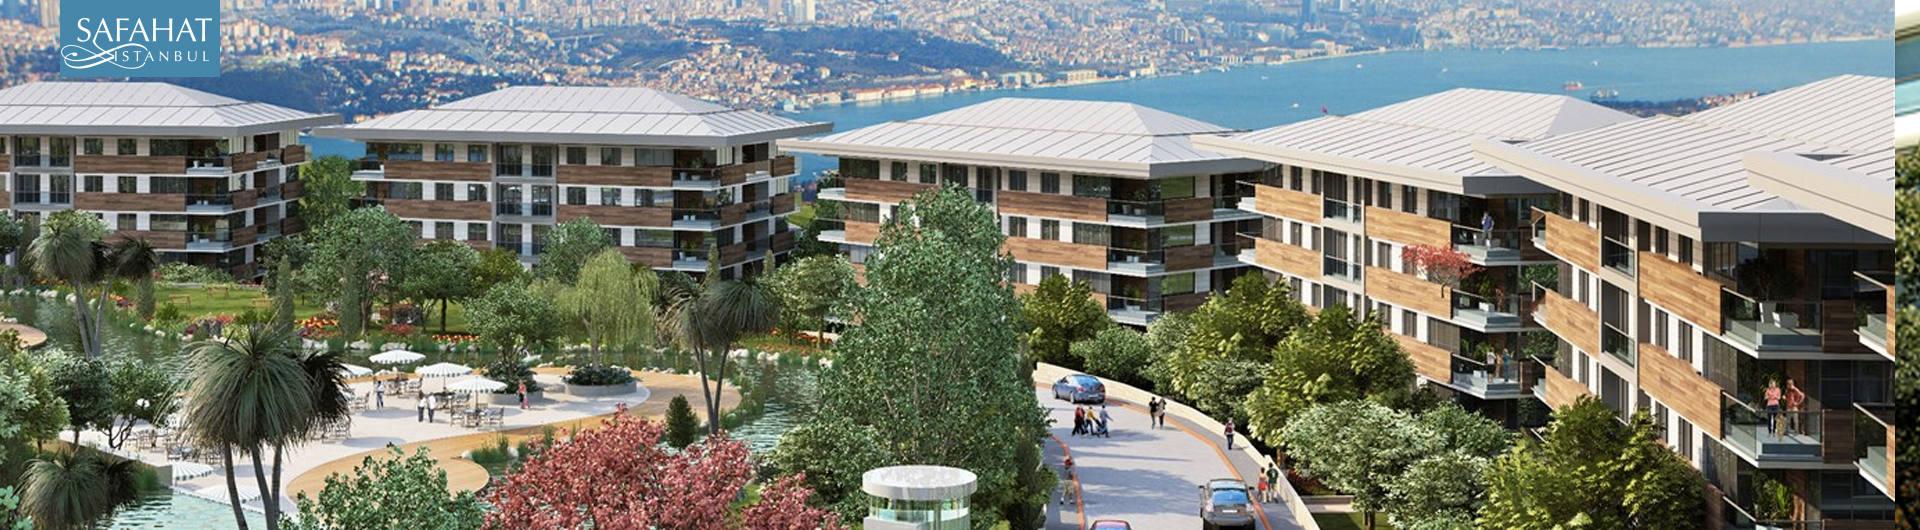 Pana Yapı Safahat İstanbul Konut Projesi arkaplan